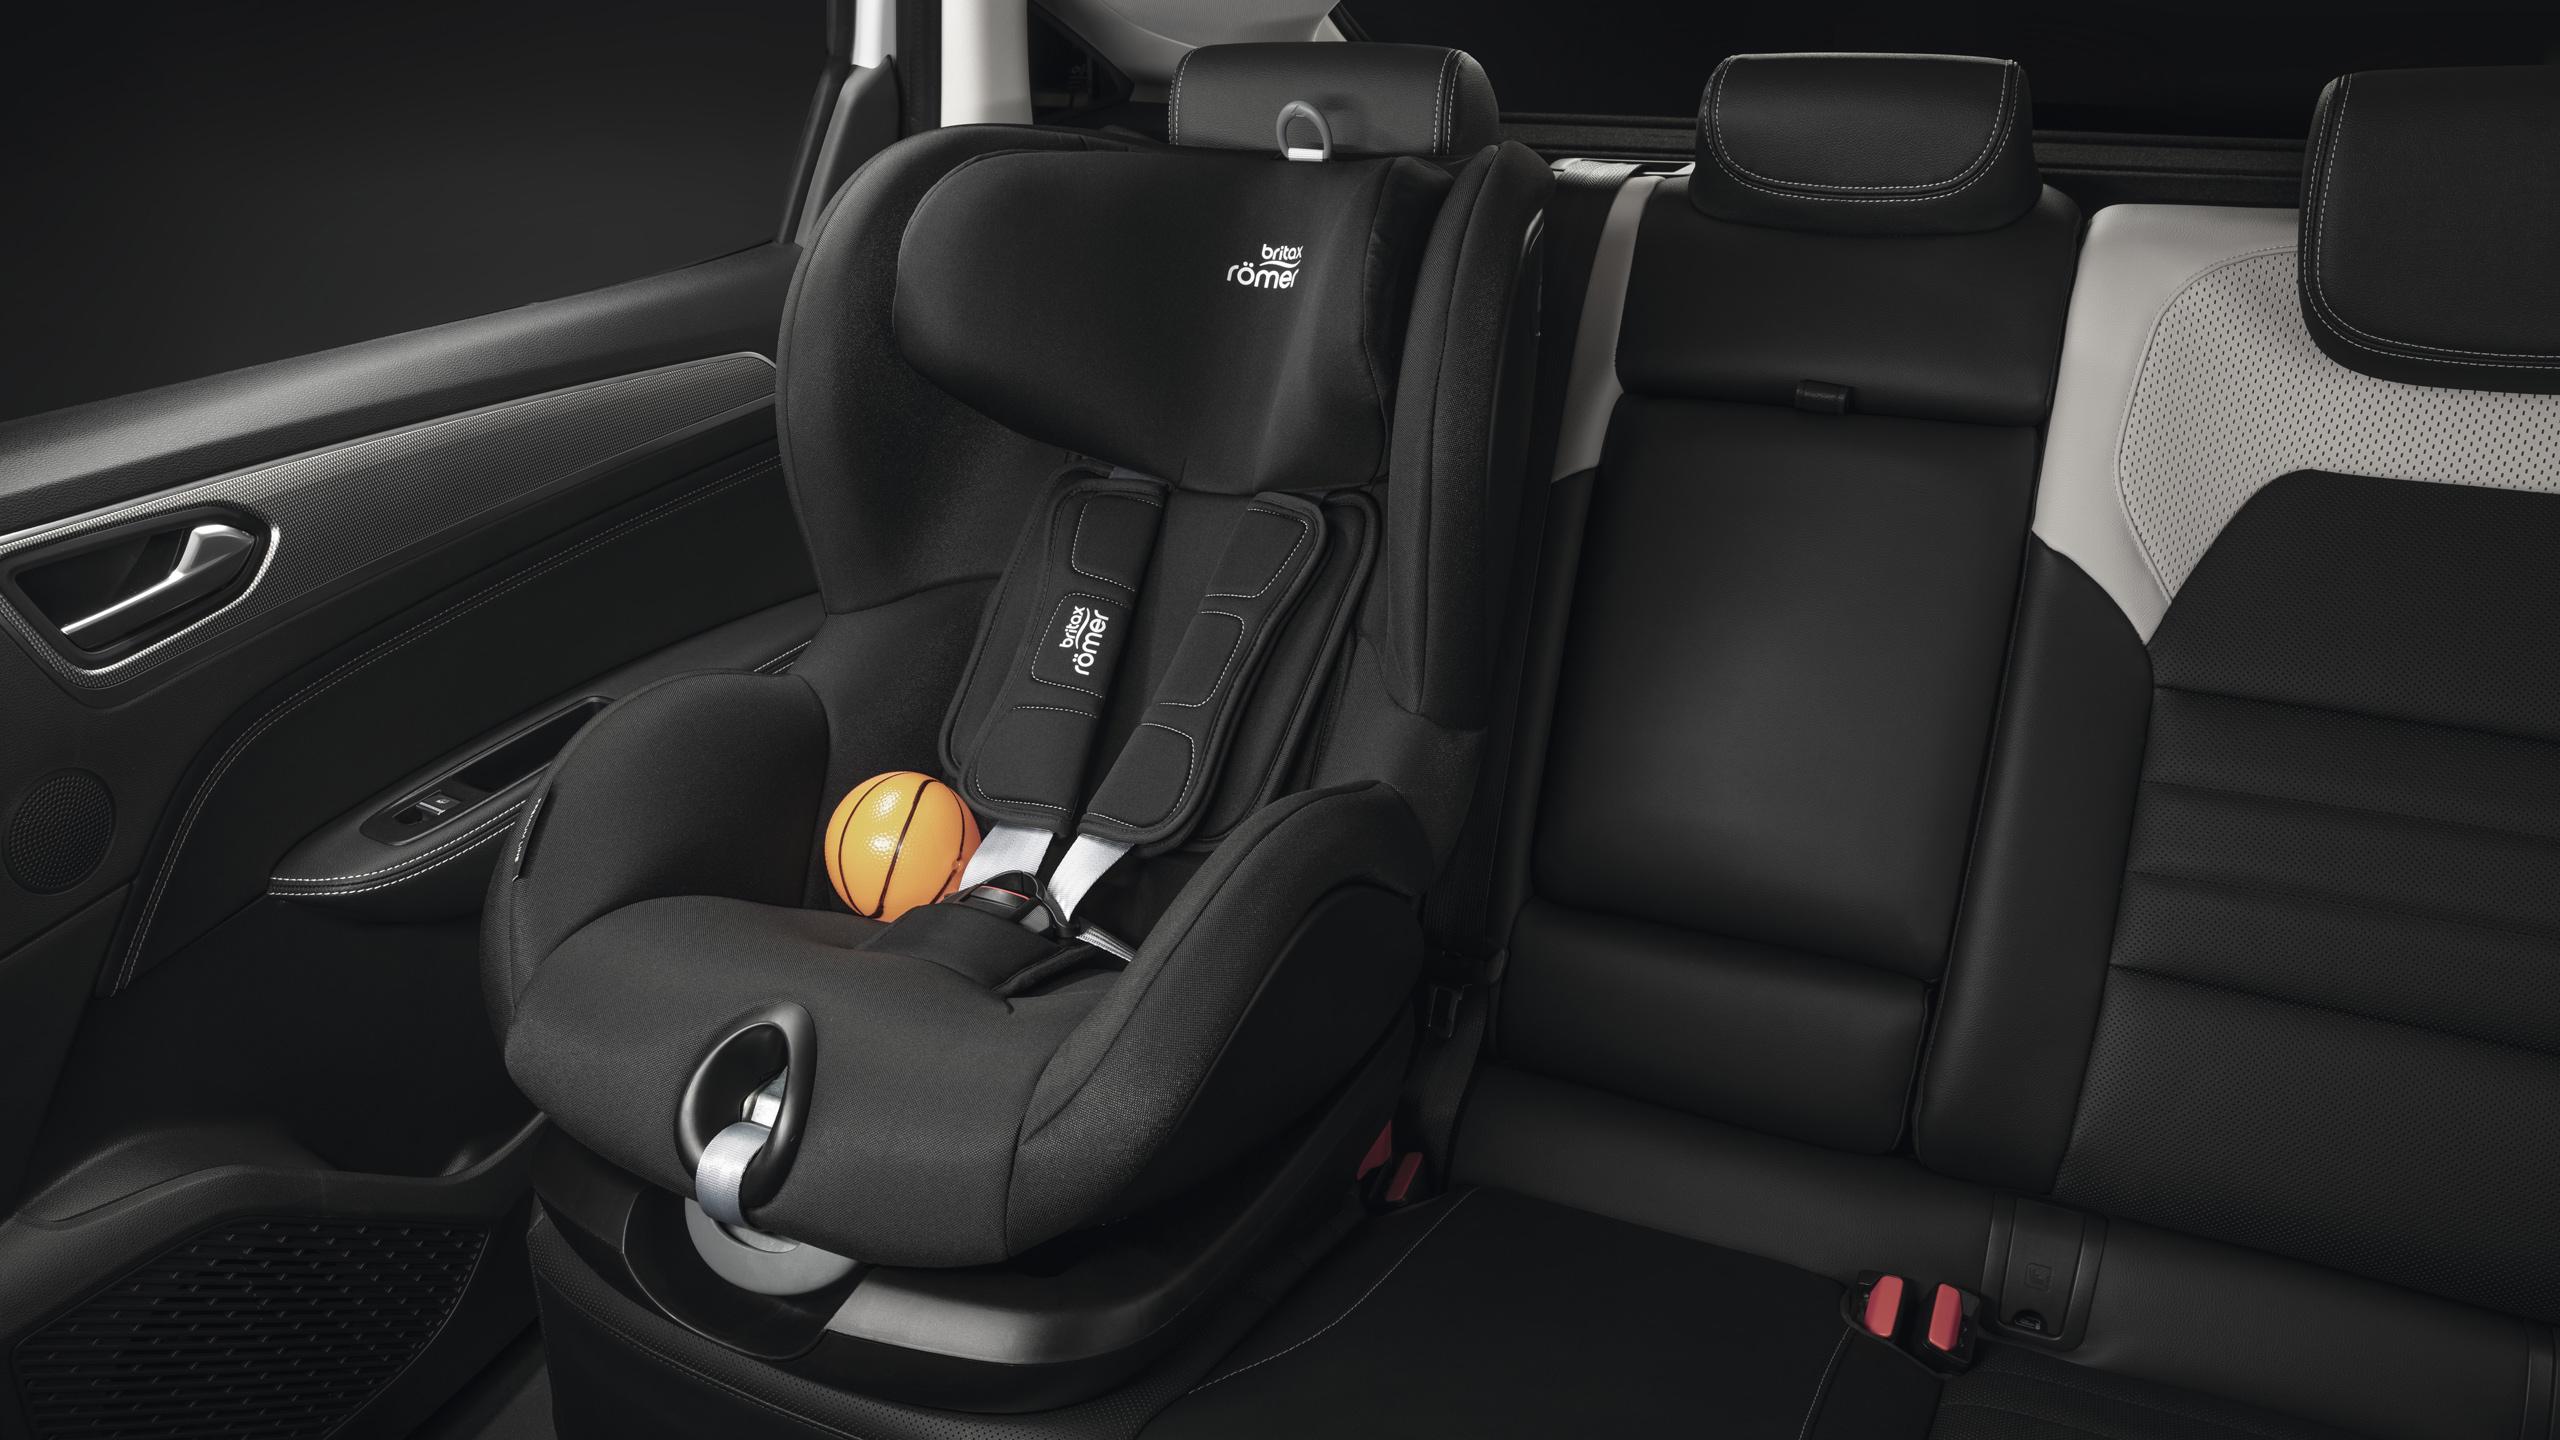 Isofix-bevestiging voor kinderzitje op de zijdelingse zitplaatsen achteraan